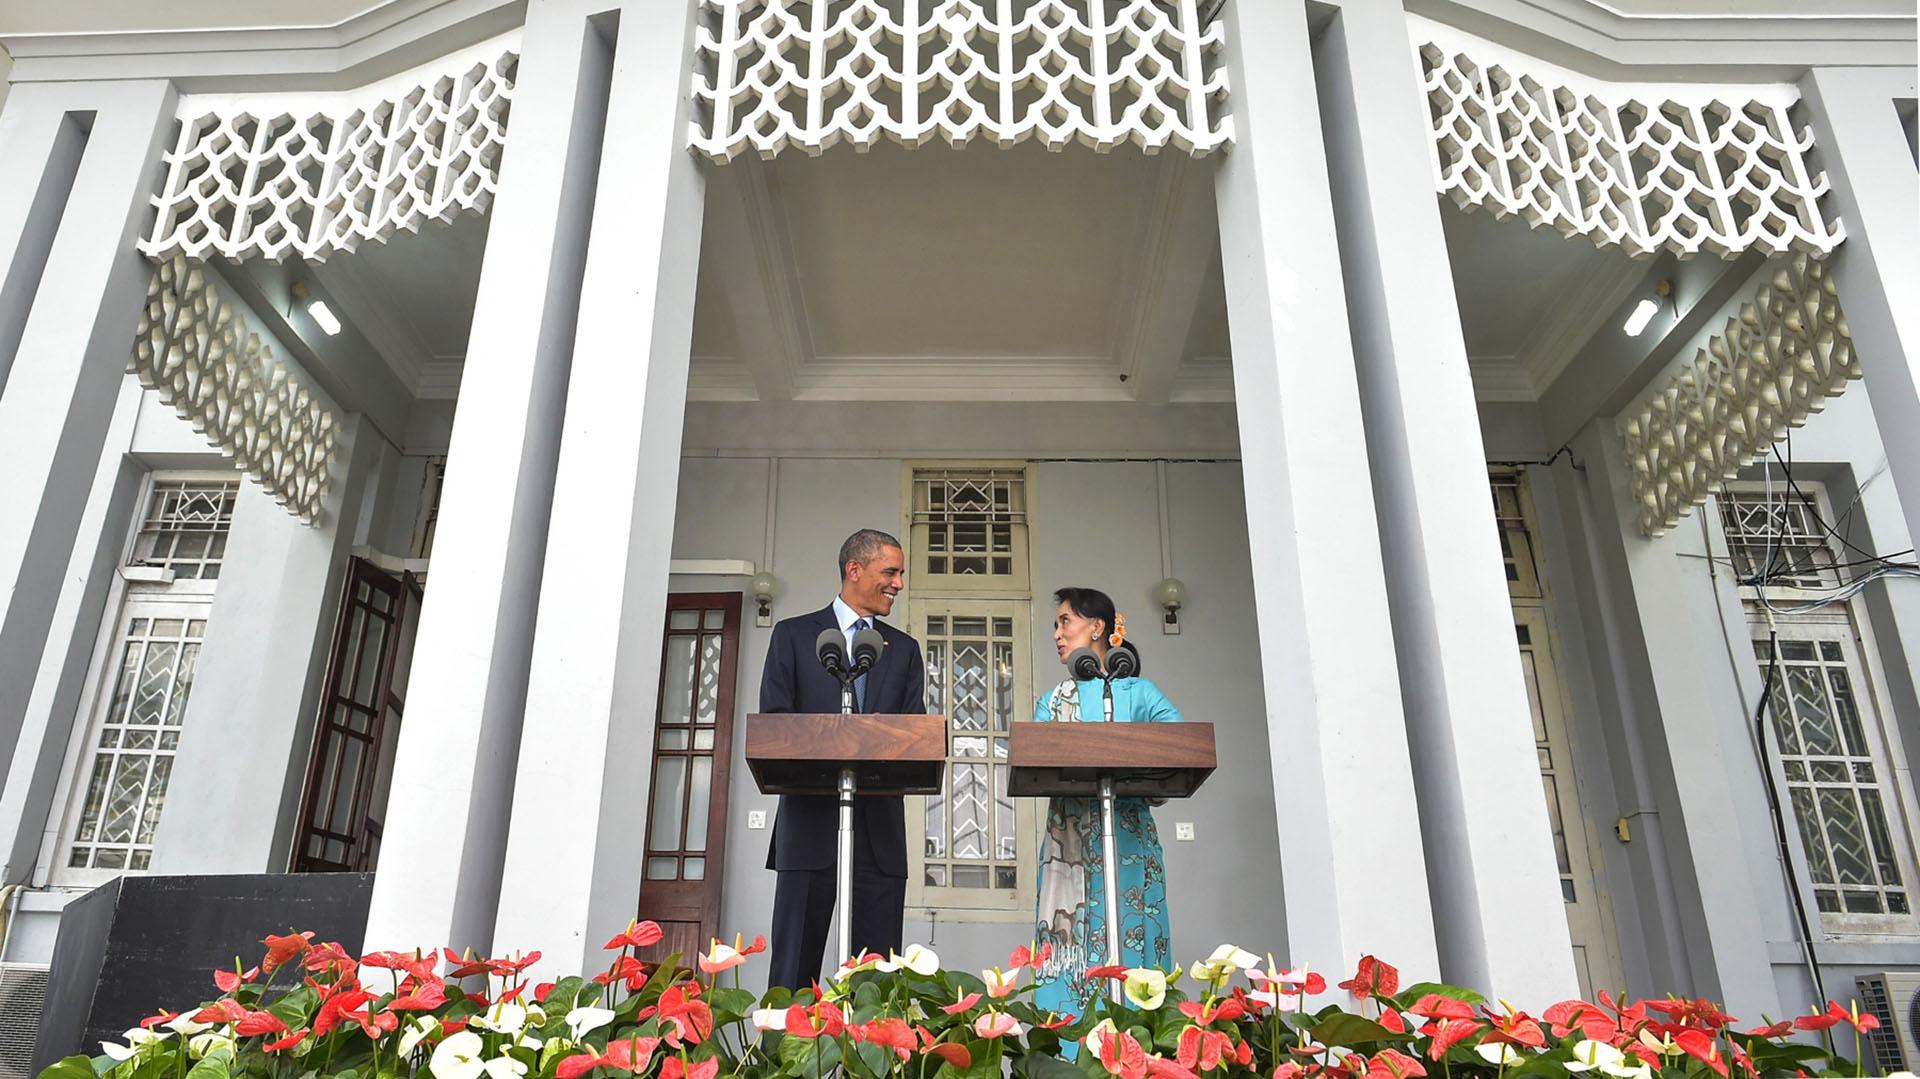 """""""Daw Suu, tú ayudaste a colocar este país en un mejor sendero"""", dijo el presidente Obama en septiembre de 2016, parado frente a la casa en la que Aung San Suu Kyi soportó años de confinamiento como presa política. Al comienzo del año, Suu Kyi asumió el cargo después que el pueblo birmano votara por su partido en lo que fue una victoria aplastante. Su transformación política refleja la de su país, el cual ha superado décadas de regímenes militares hasta alcanzar la democracia."""